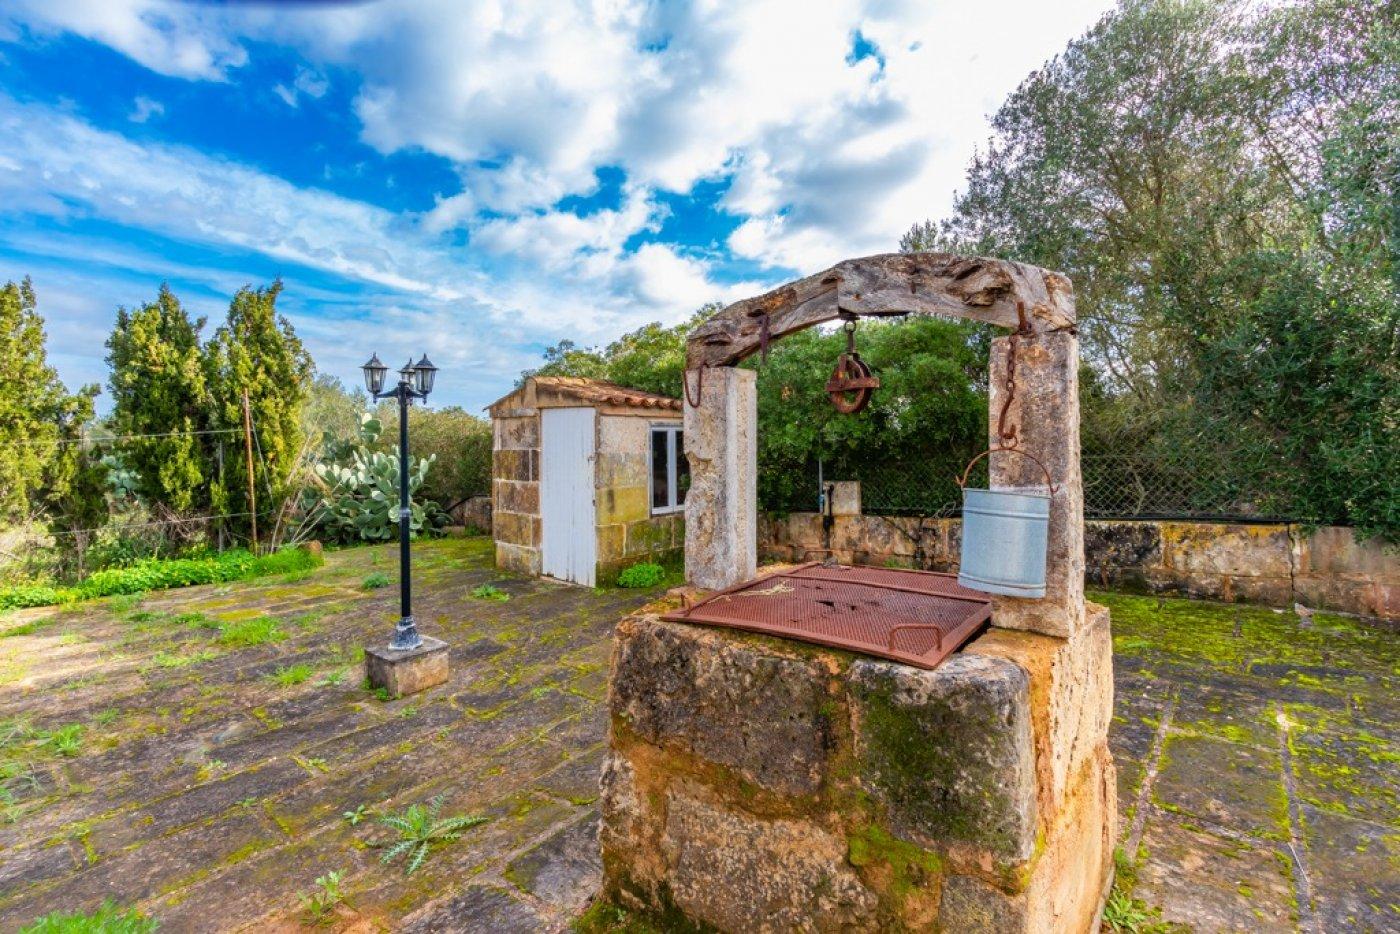 Magnifica villa en ses salines - can somni - ideal inversores turÍsticos - imagenInmueble4